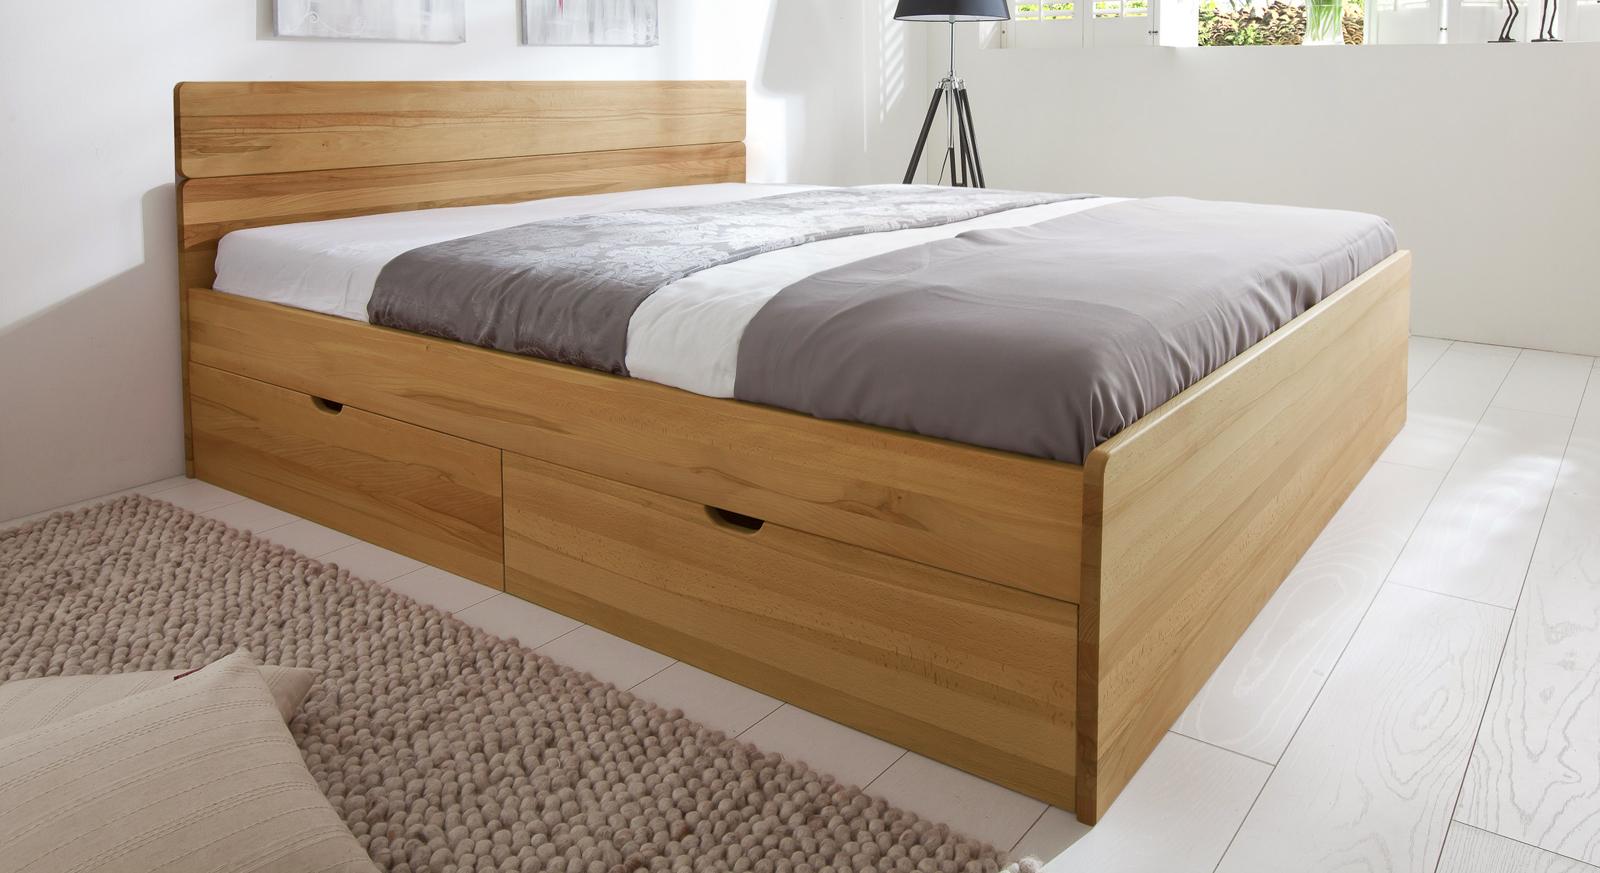 Bett mit Schubkästen in der Größe 180x200cm - Finnland